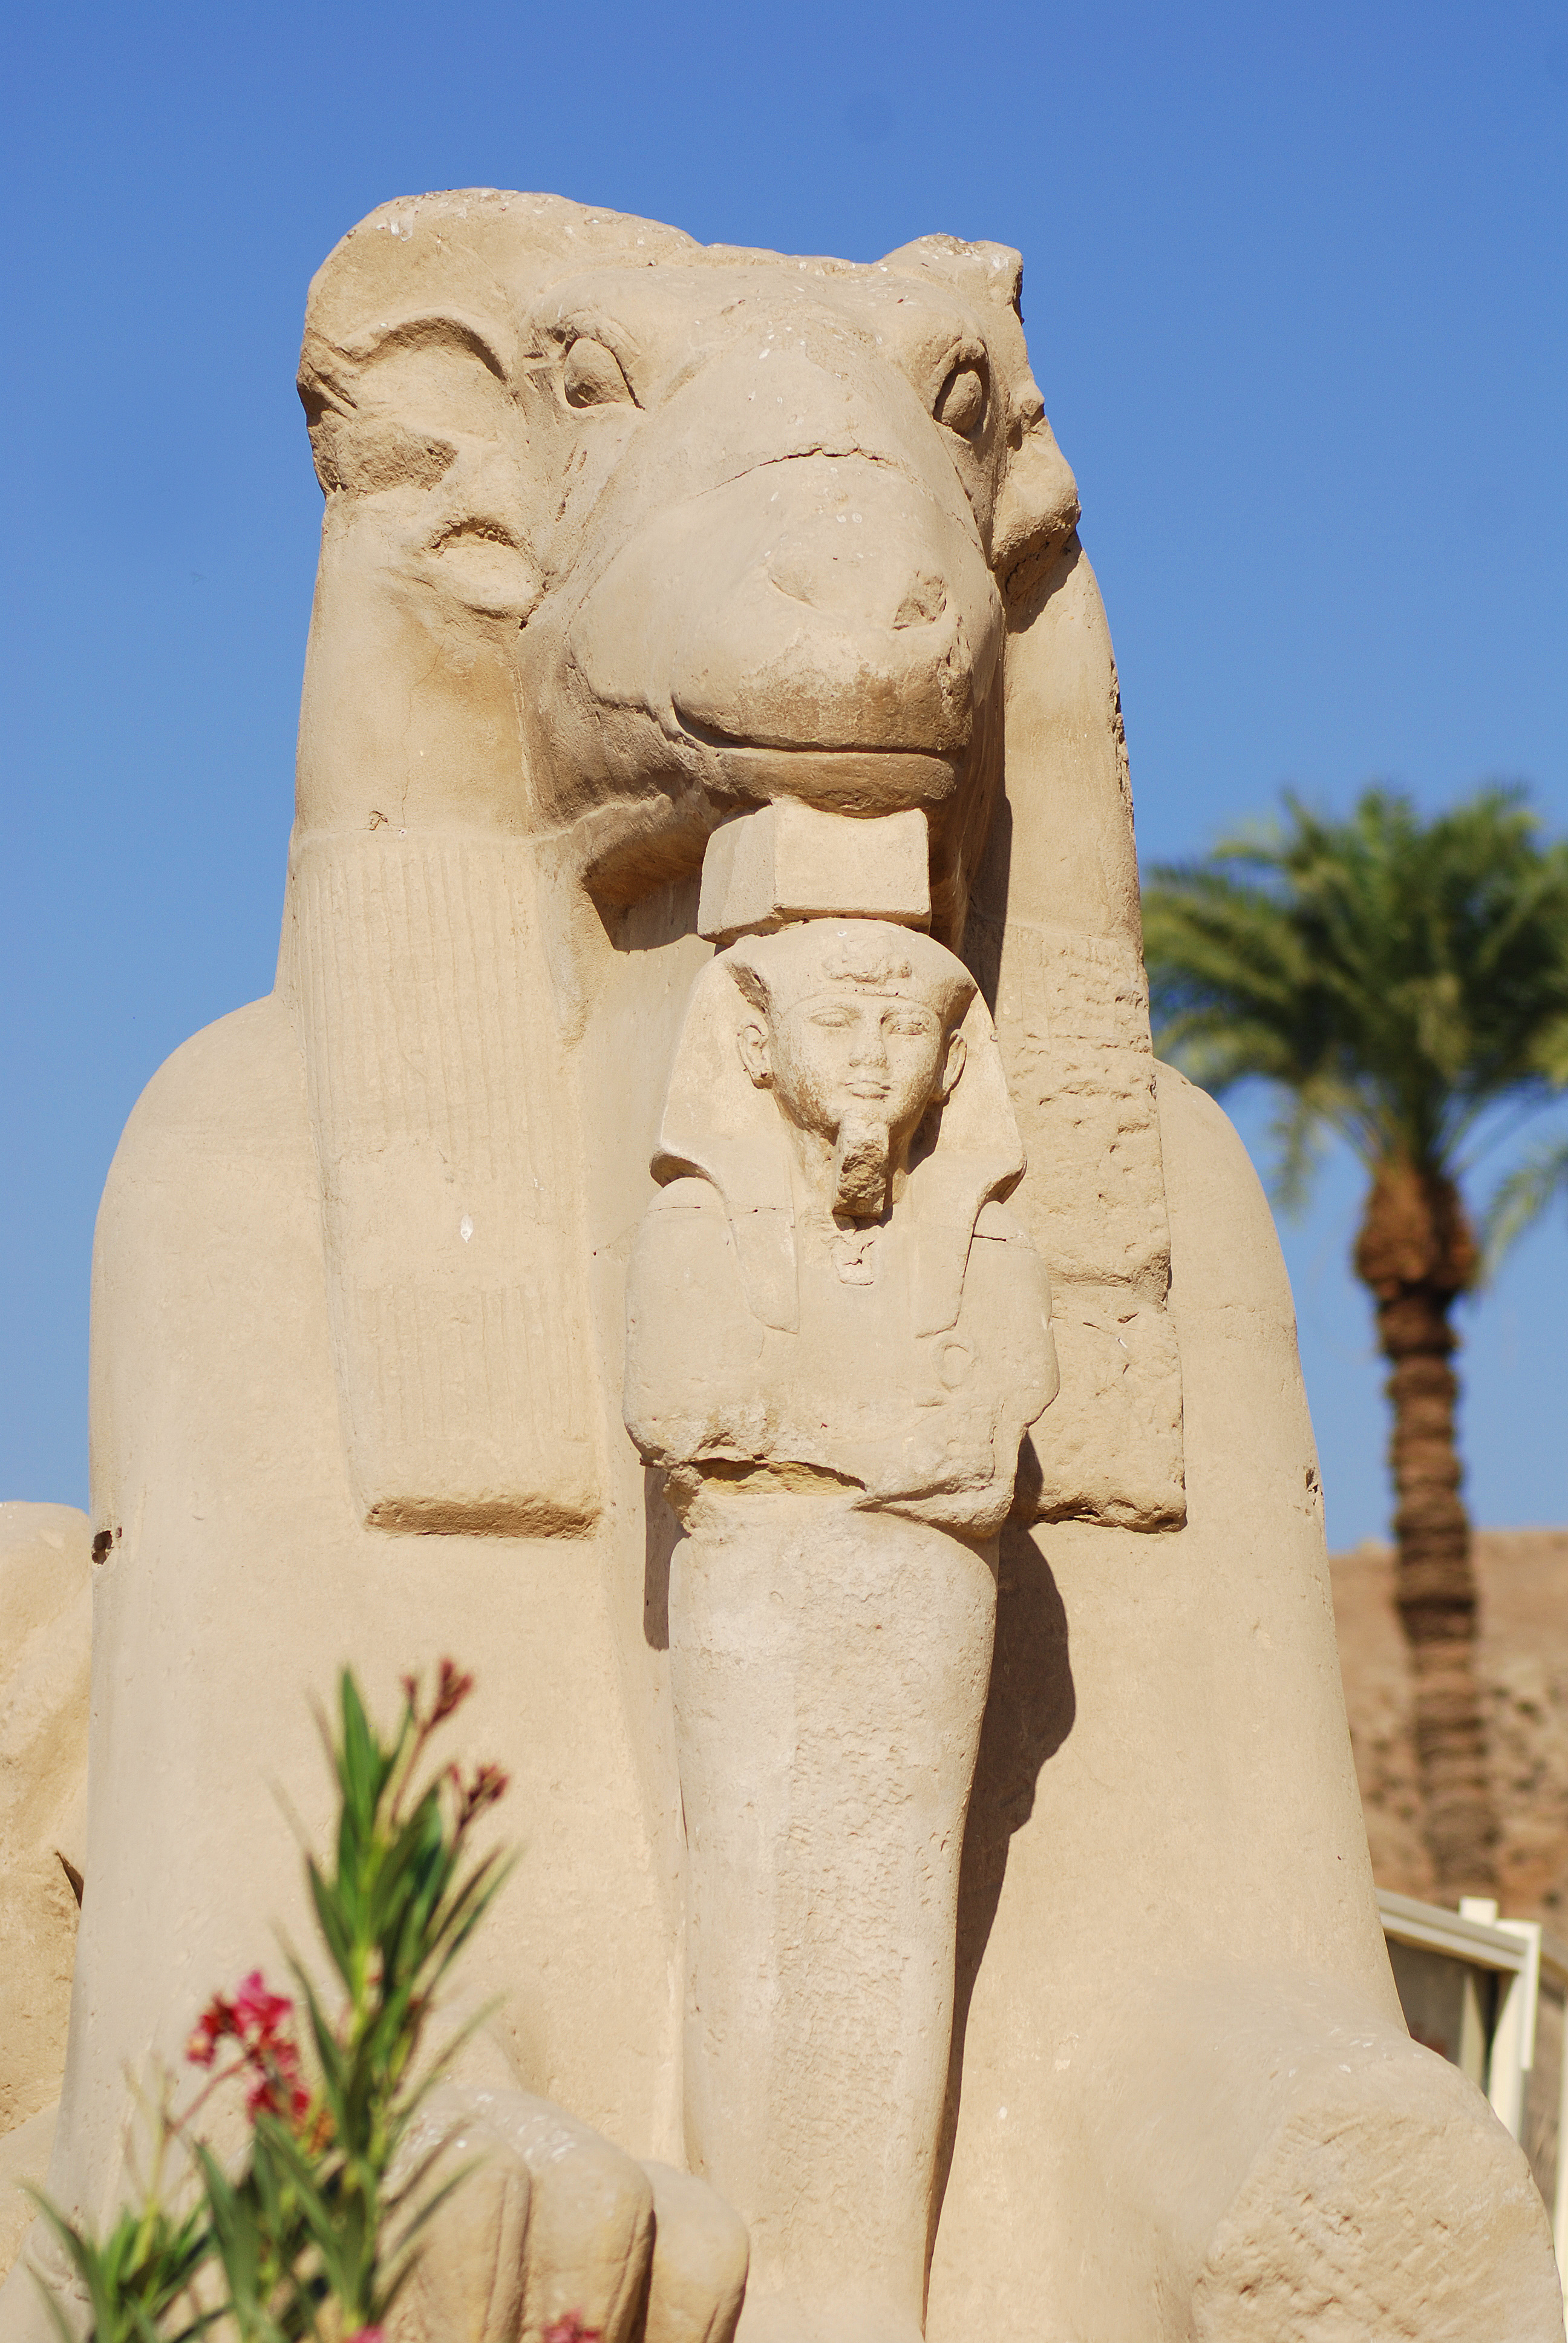 Avenue of ram-headed sphinxes, Temples of Karnak, Luxor, Egypt